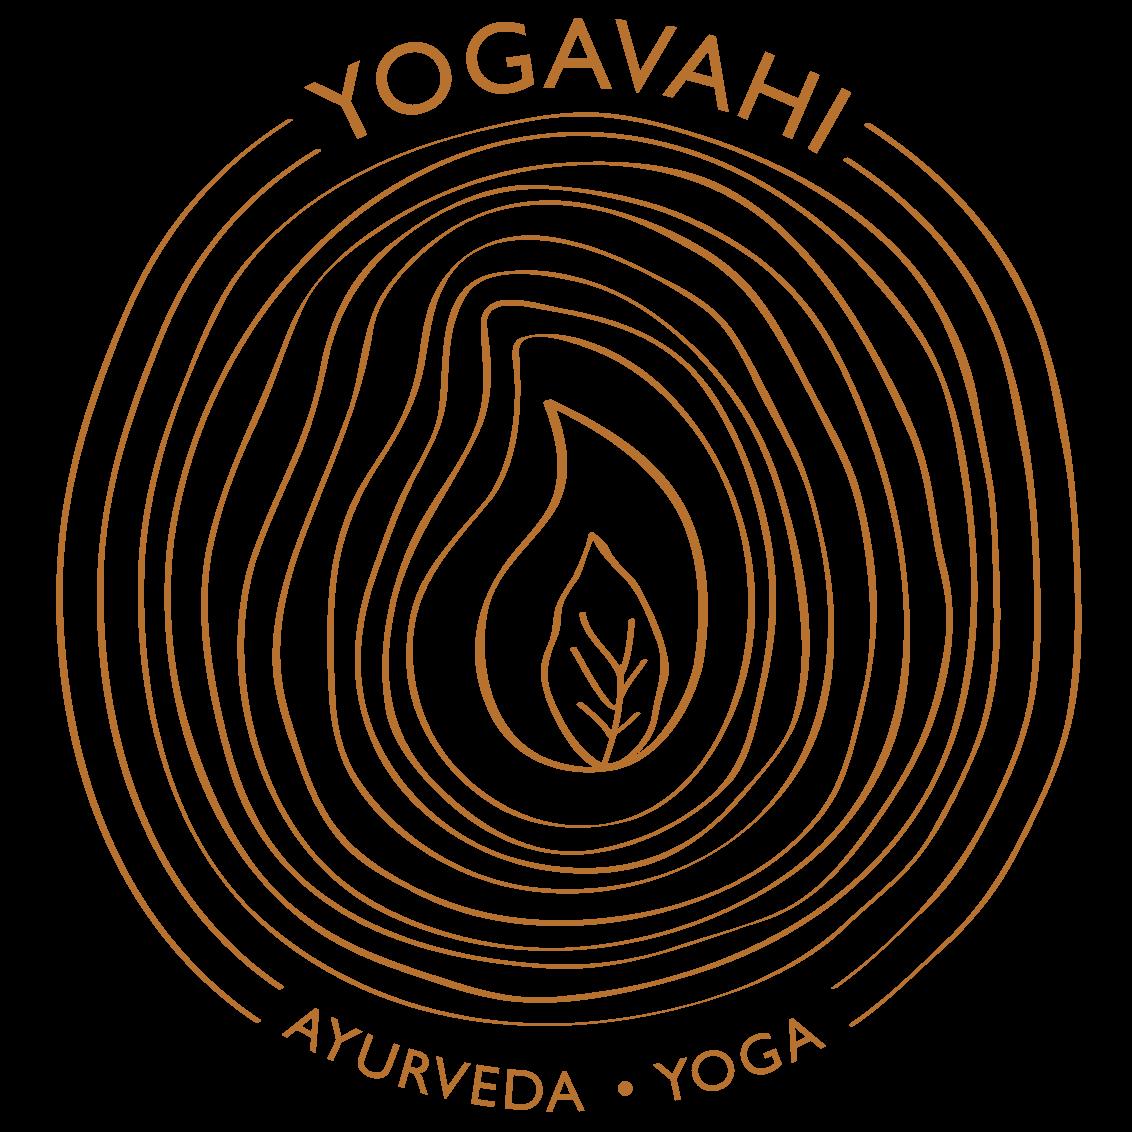 Yoga Vahi